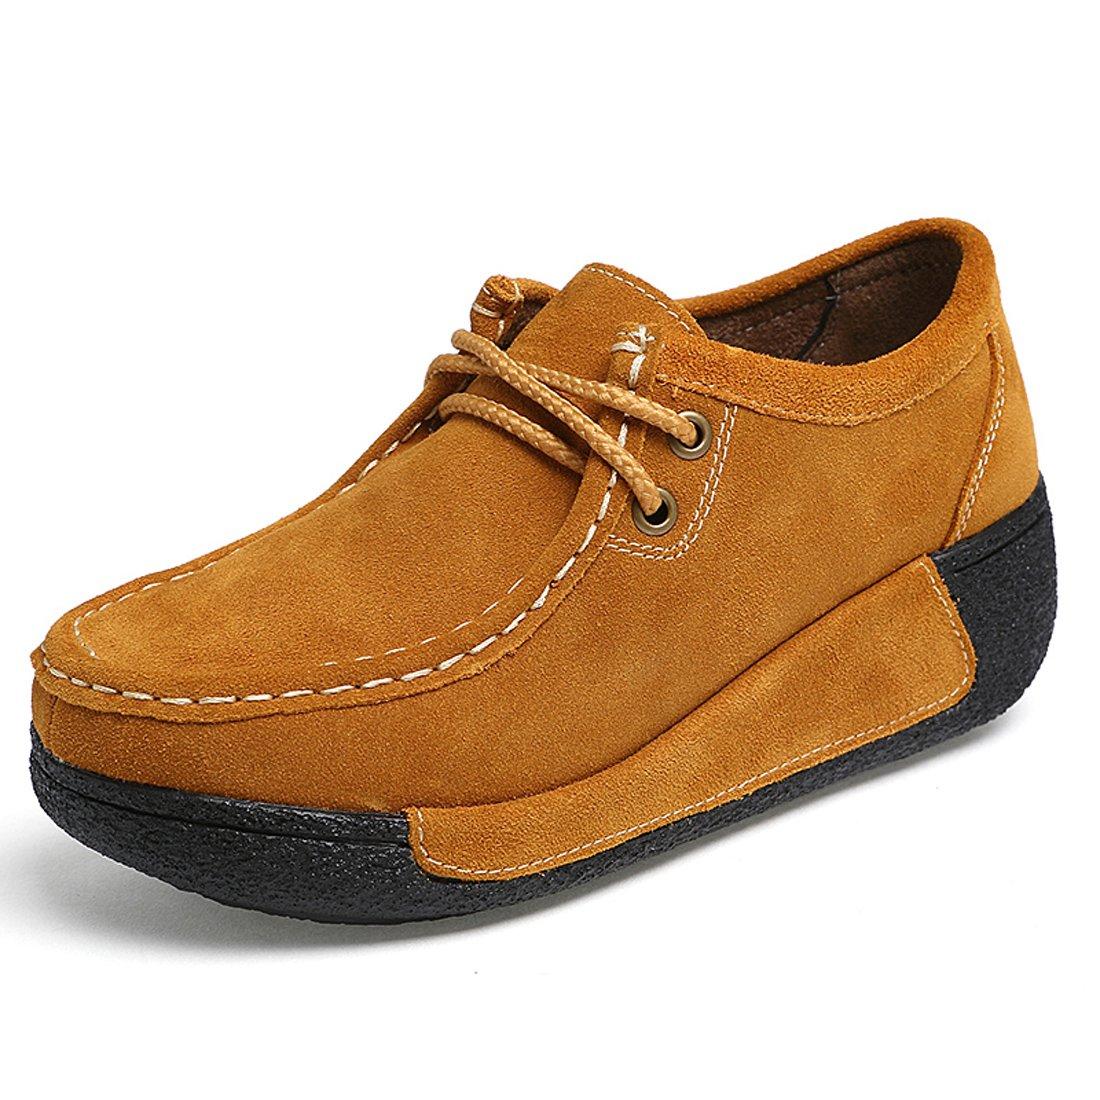 Z.SUO Jaune Mocassins Femmes Suède Casuel Confort Loafers Chaussures Loafers Chaussures Jaune e9d6286 - reprogrammed.space